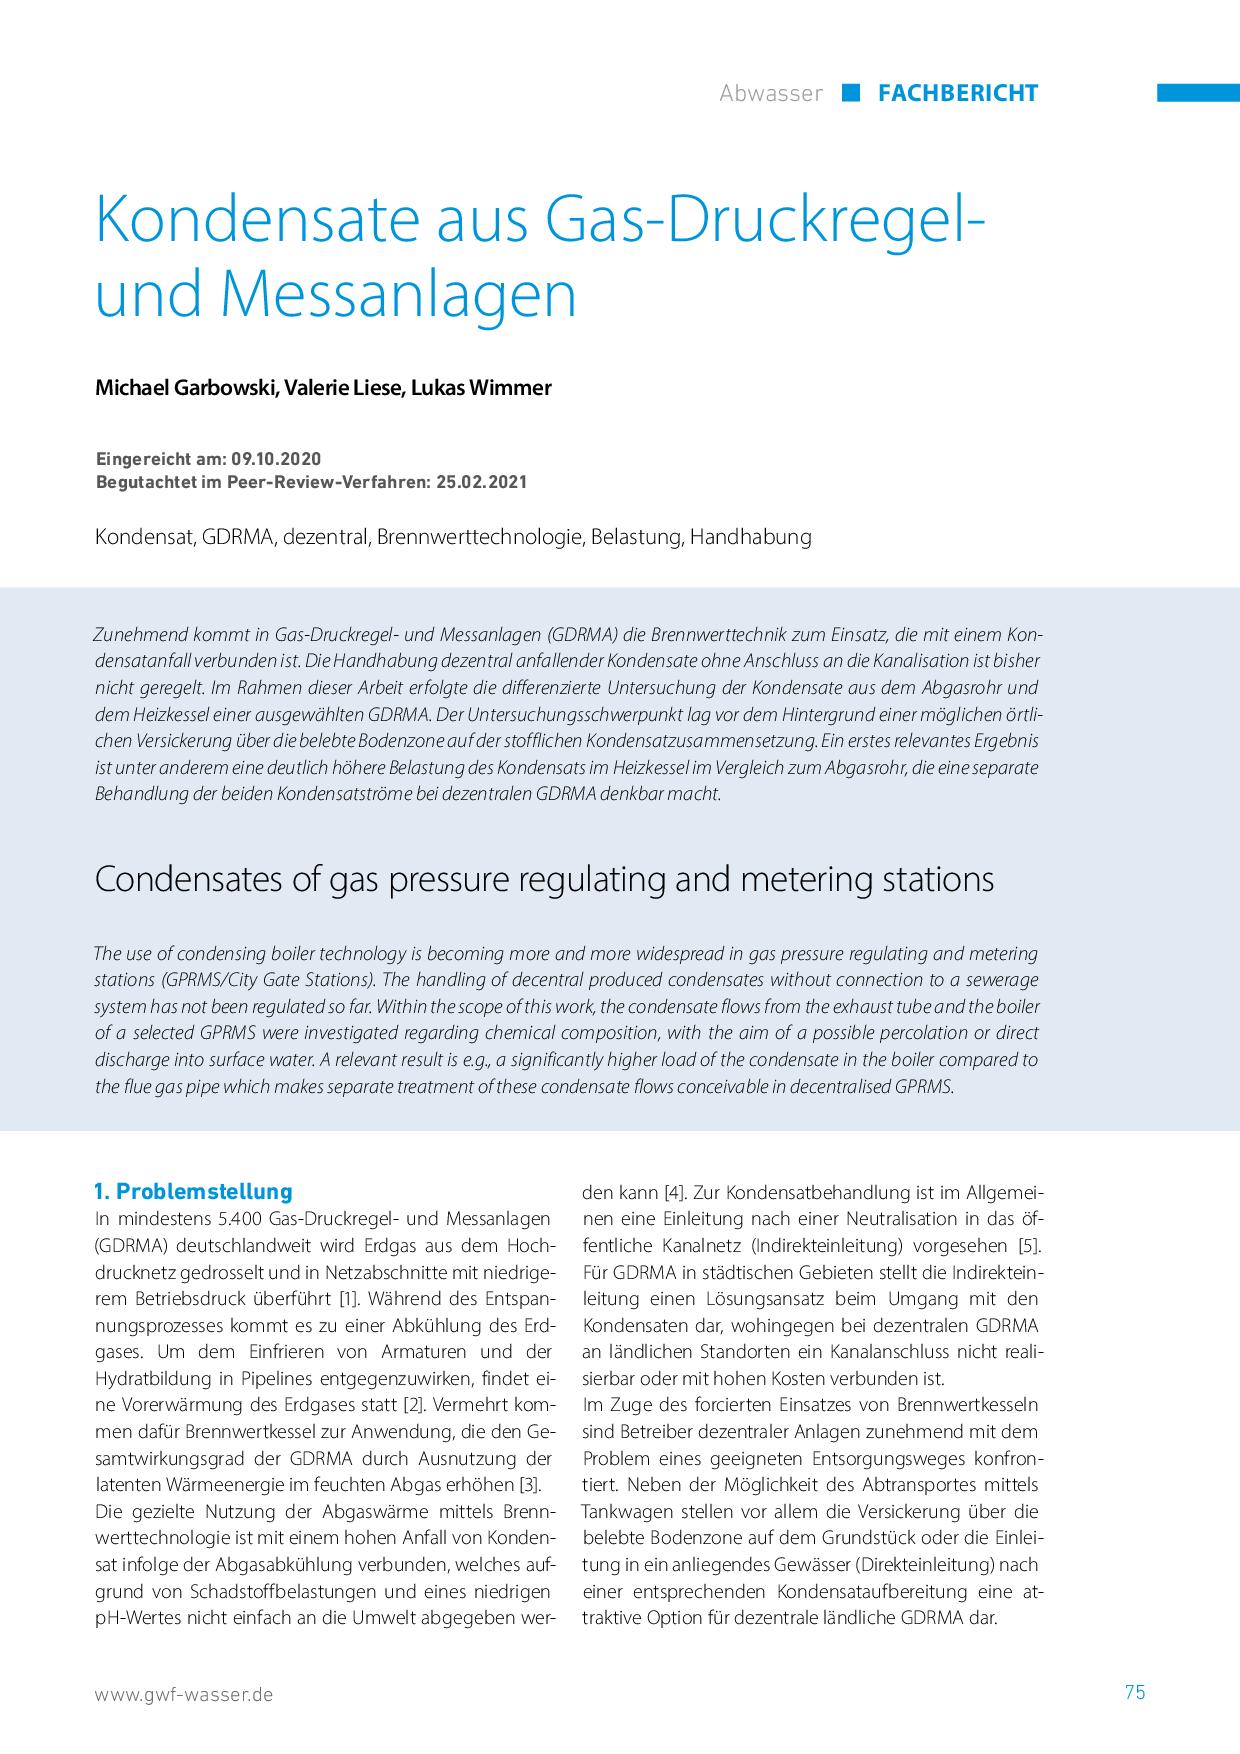 Kondensate aus Gas-Druckregel- und Messanlagen